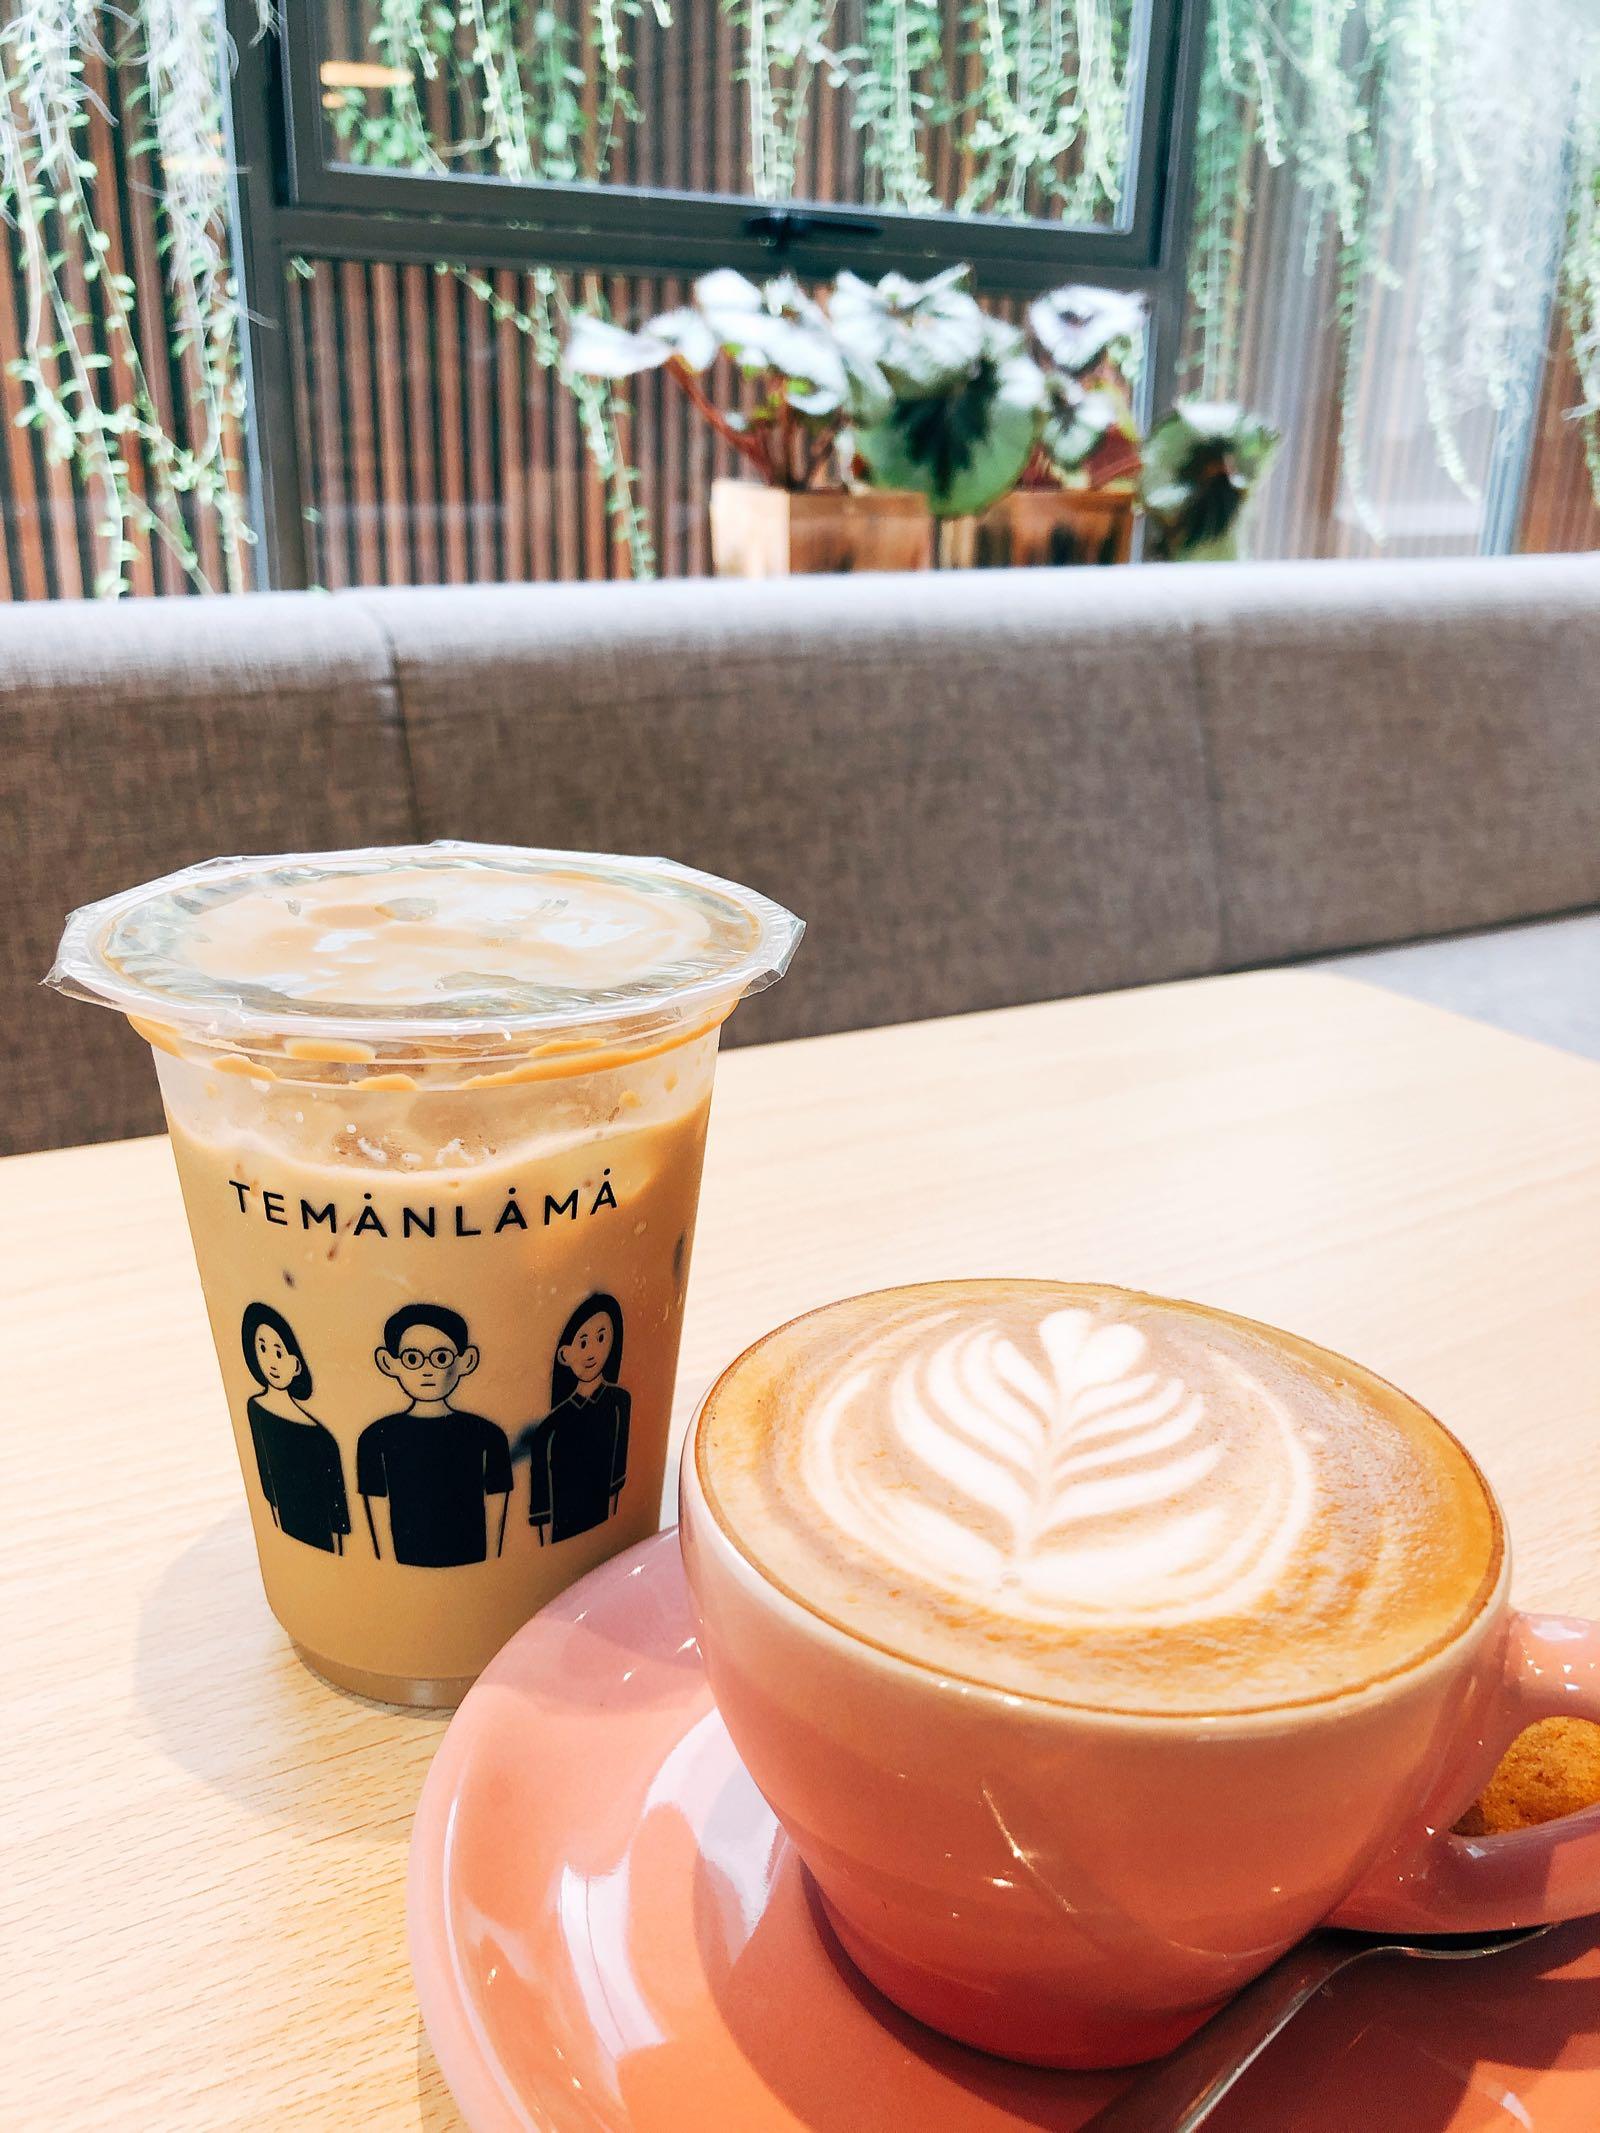 Coffee At Teman Lama